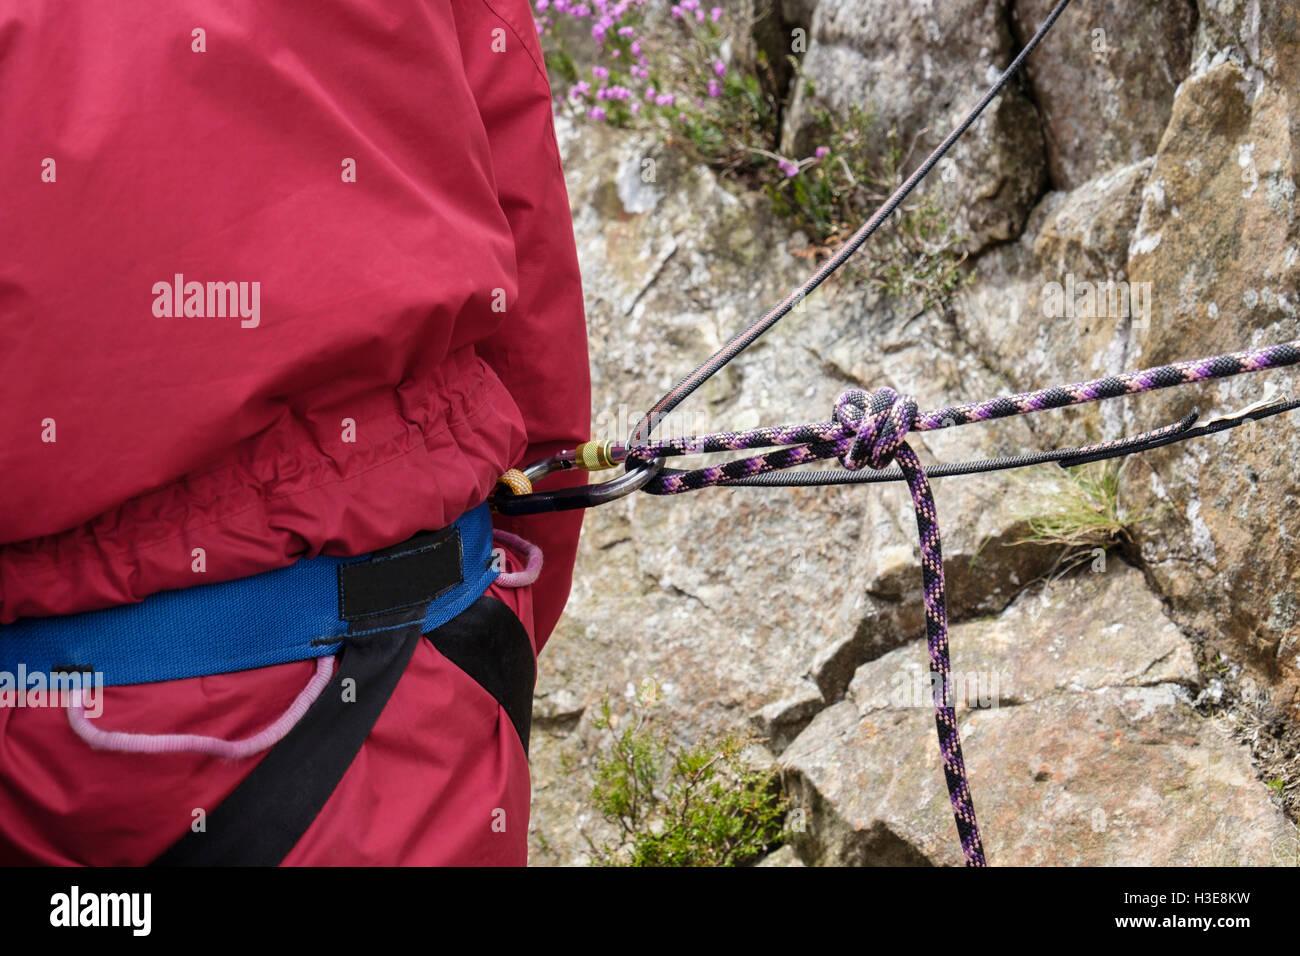 Klettergurt Seil Befestigen : Rock kletterers stand an der spitze zu klettern mit seil und